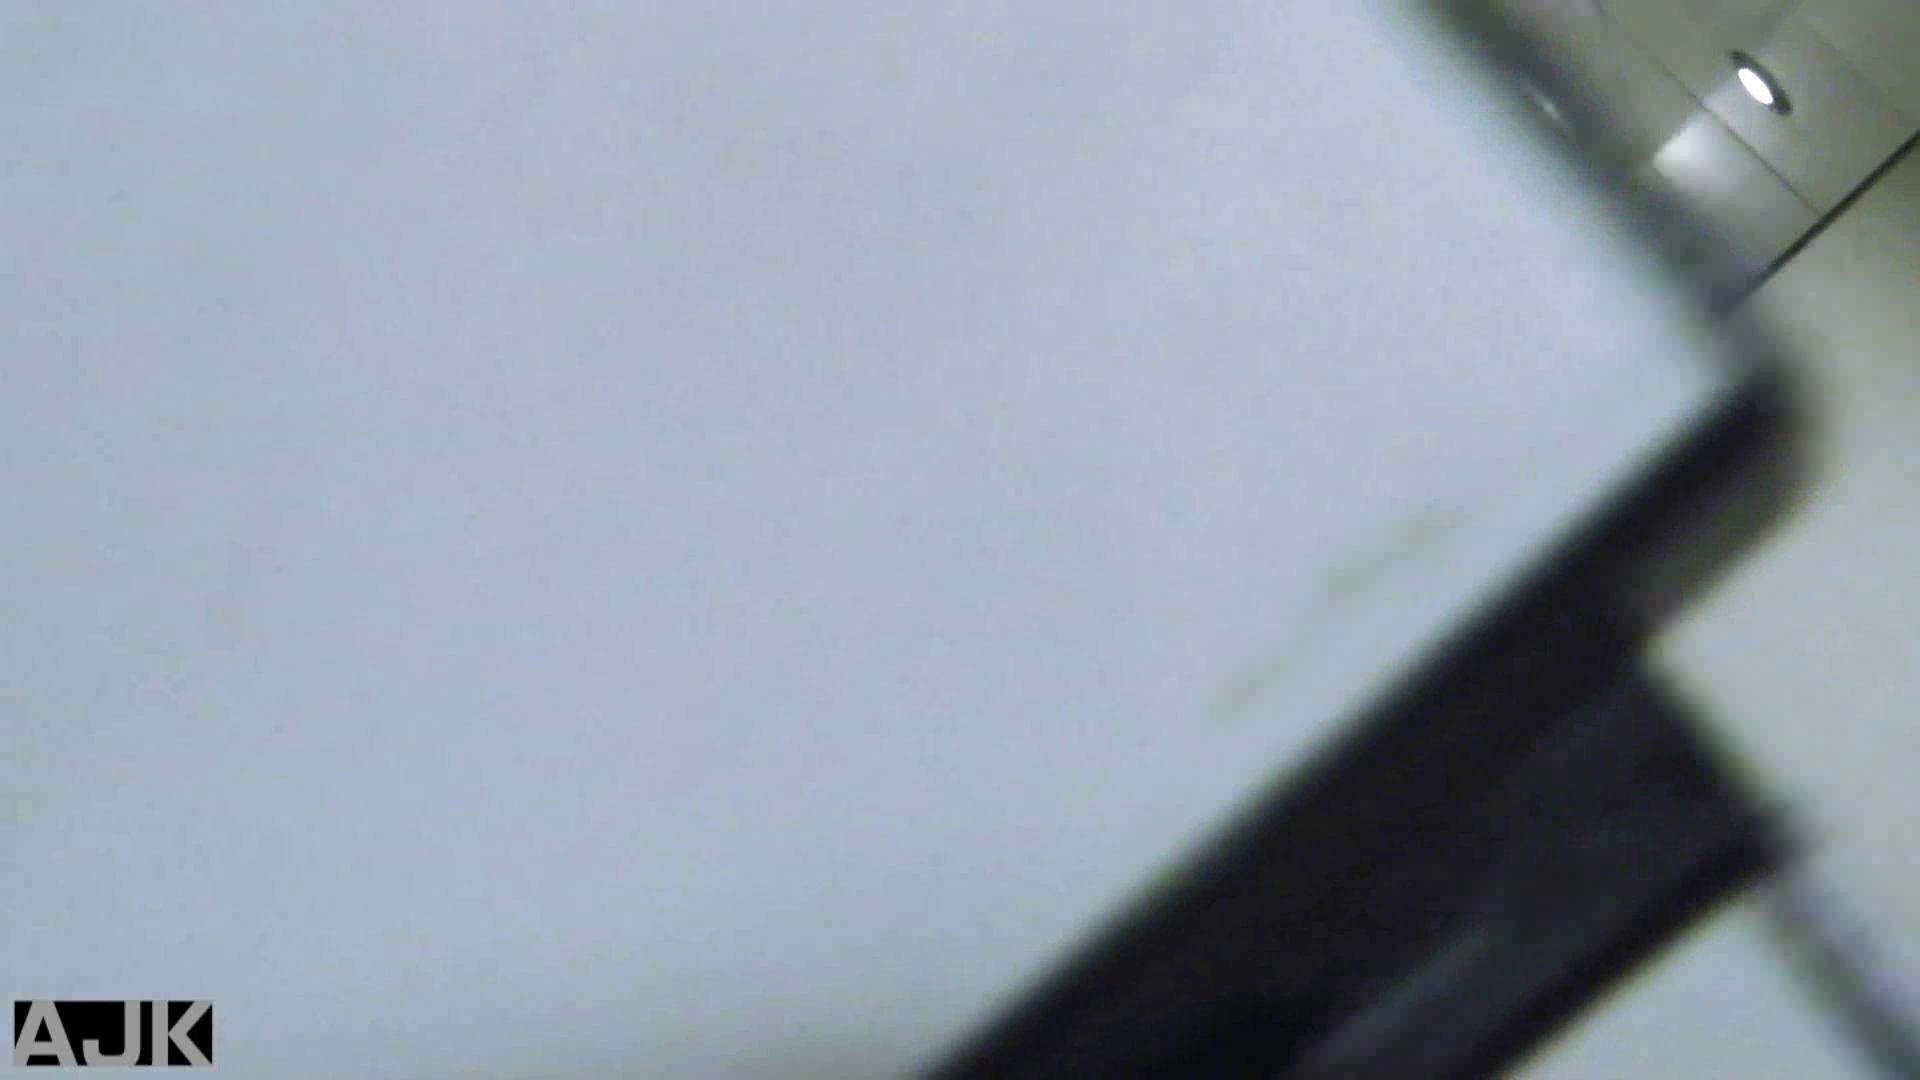 隣国上階級エリアの令嬢たちが集うデパートお手洗い Vol.28 お嬢様のエロ動画 おまんこ無修正動画無料 103枚 96